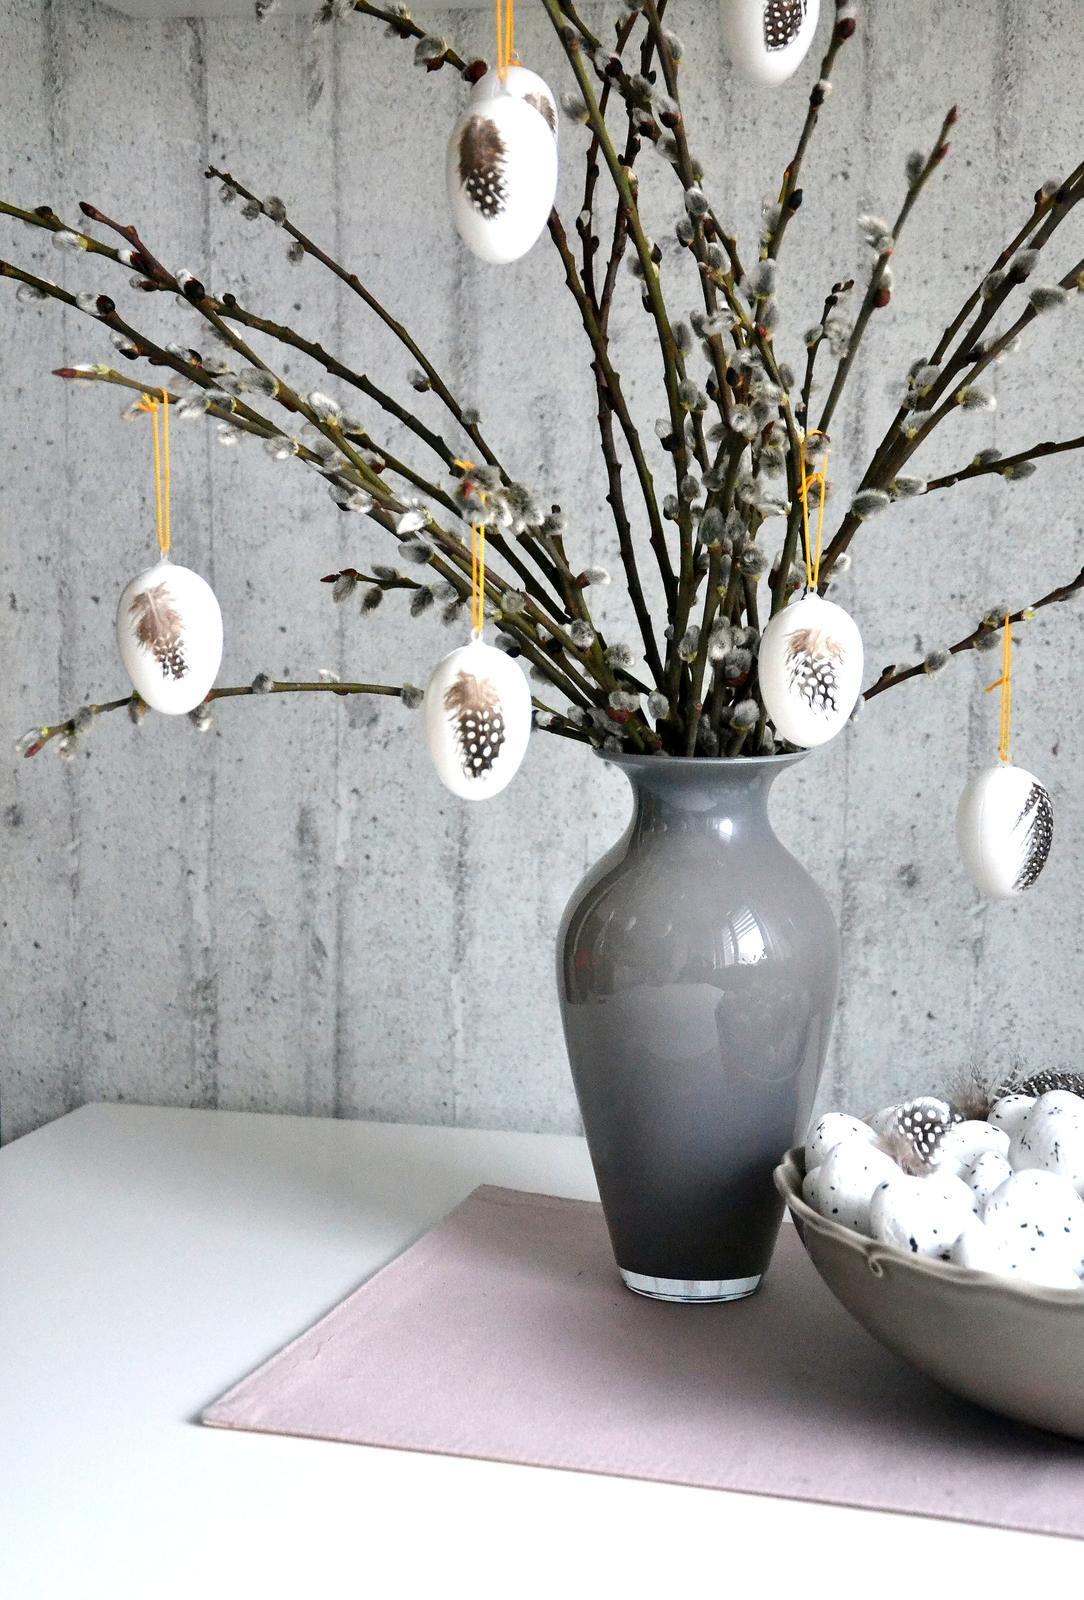 U nás doma v paneláku II. - Konečně jsem letos sehnala bílá vejce, nemohla jsem na ně nějak natrefit, polepeno pírky perličky